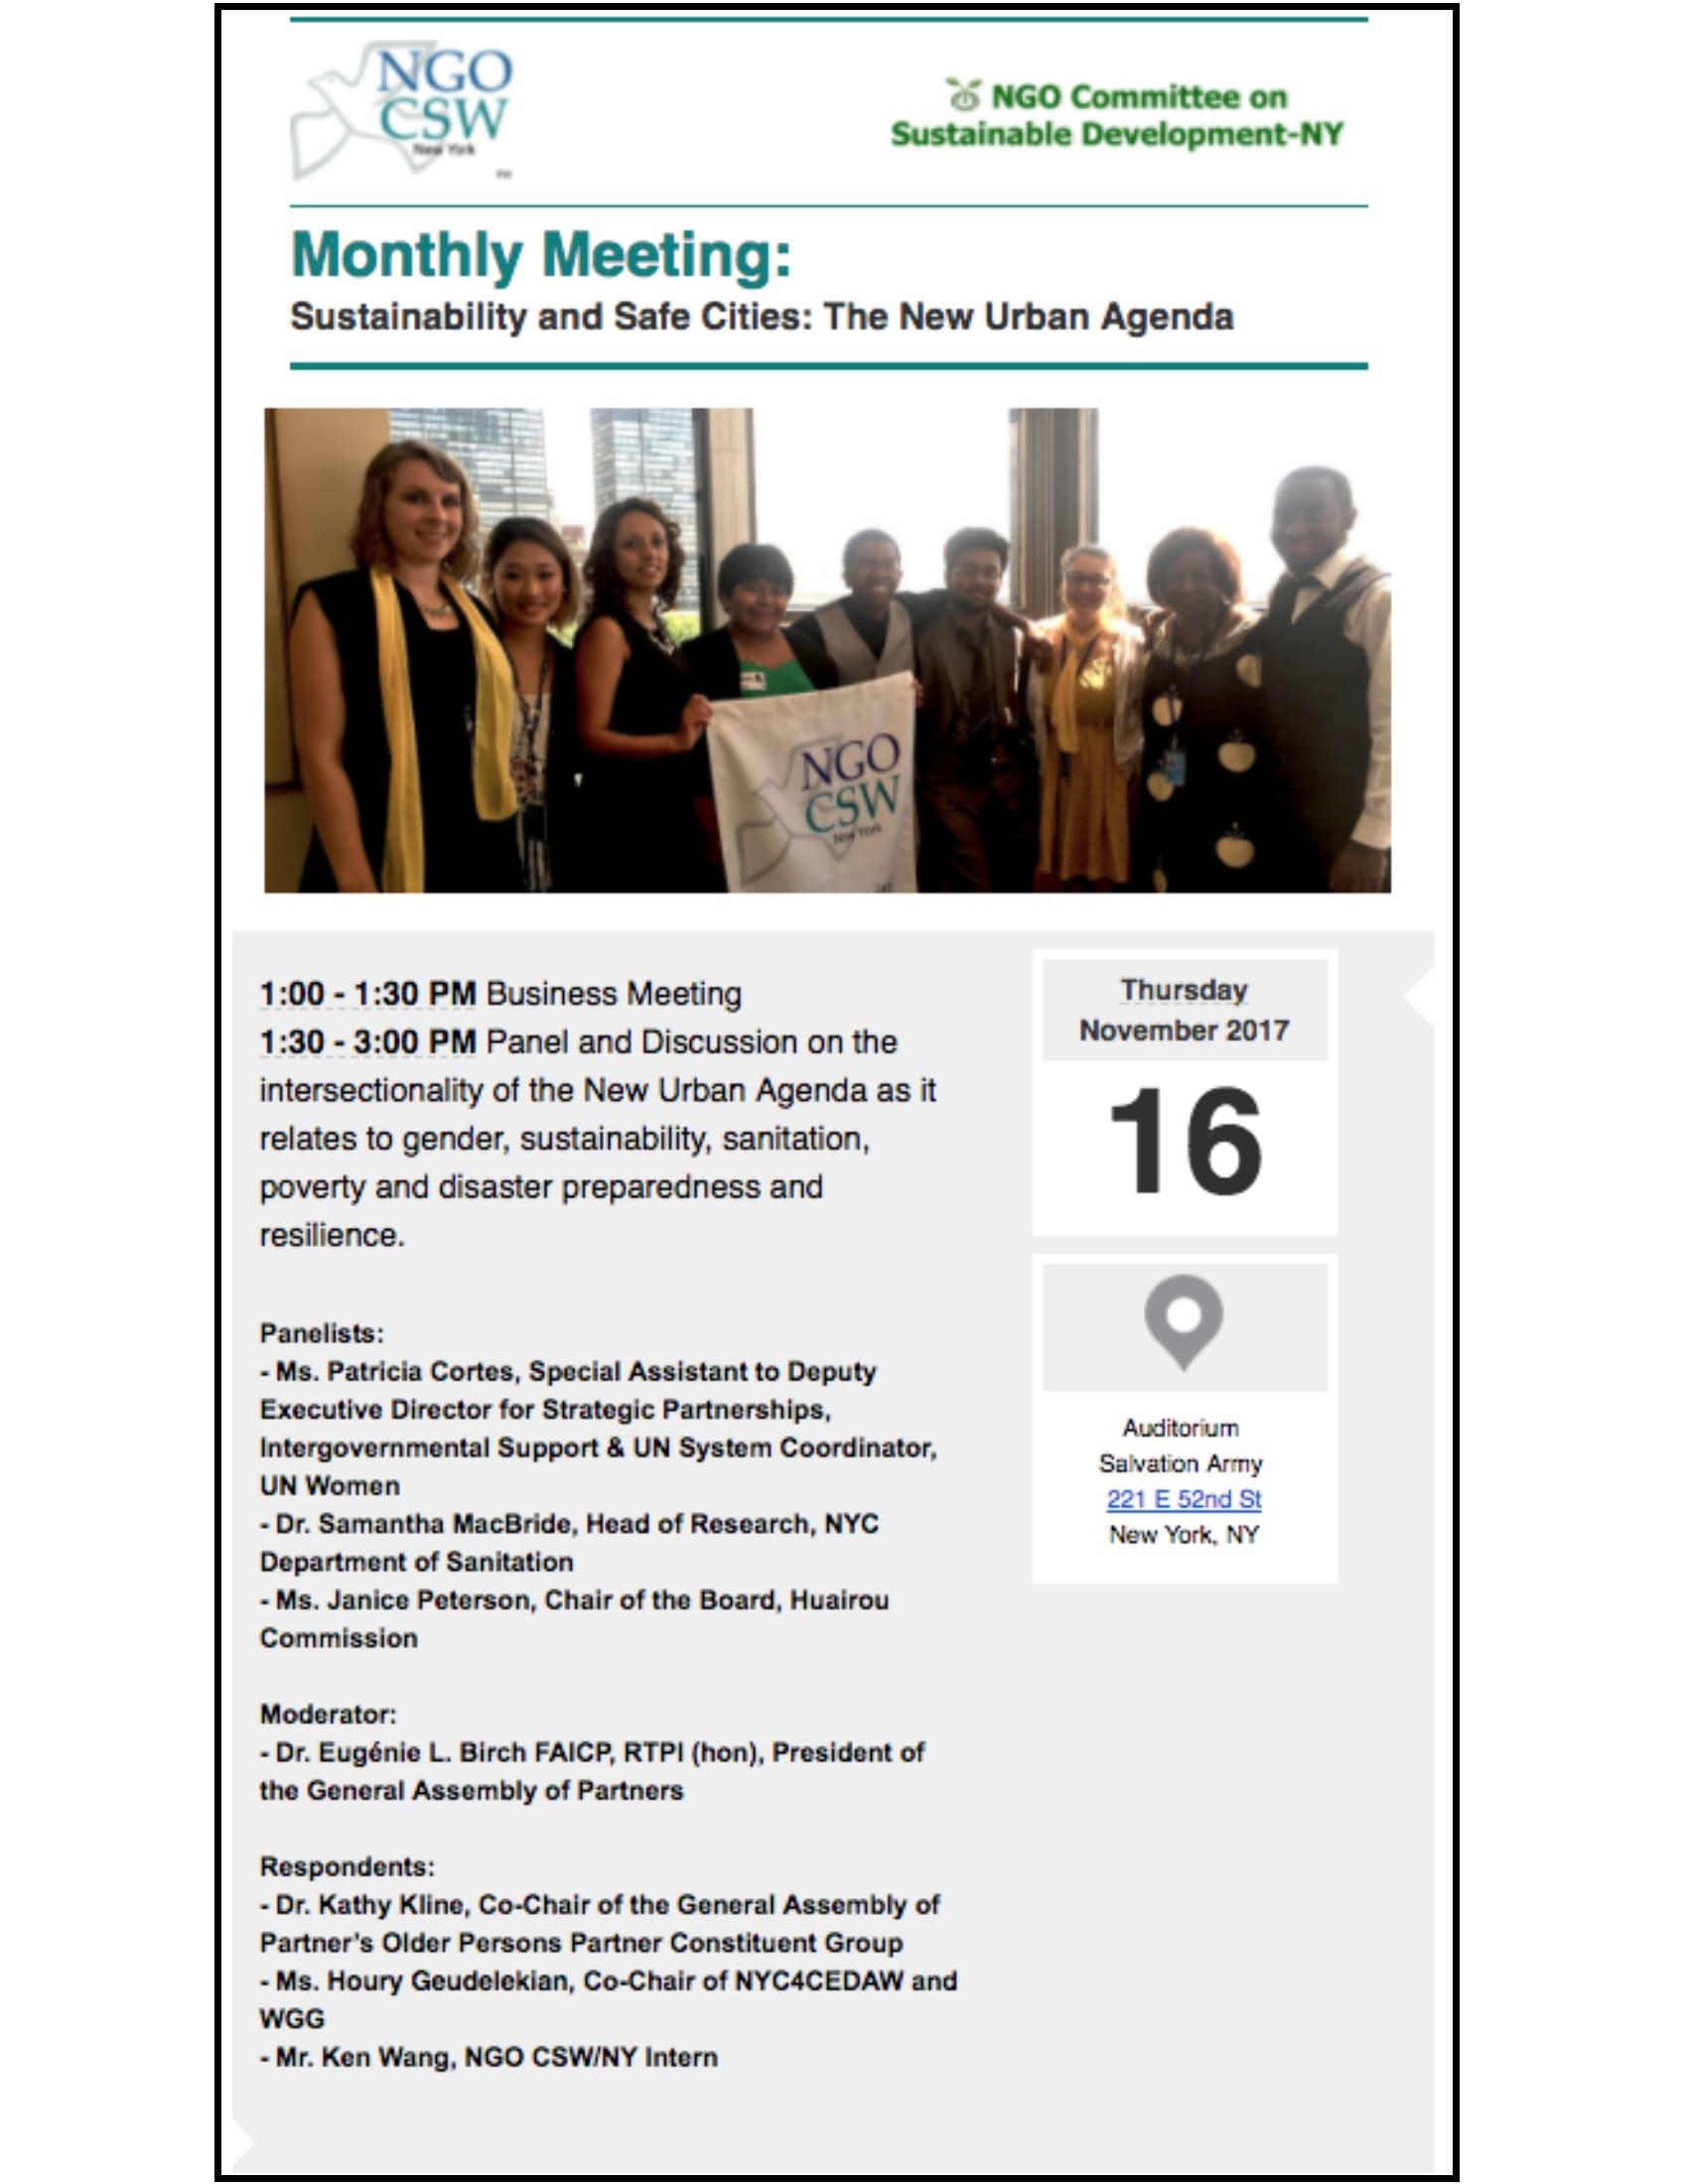 NGOCSD-NY Co-Sponsored NGO CSWNY 11-16-17 Meeting-1.jpg